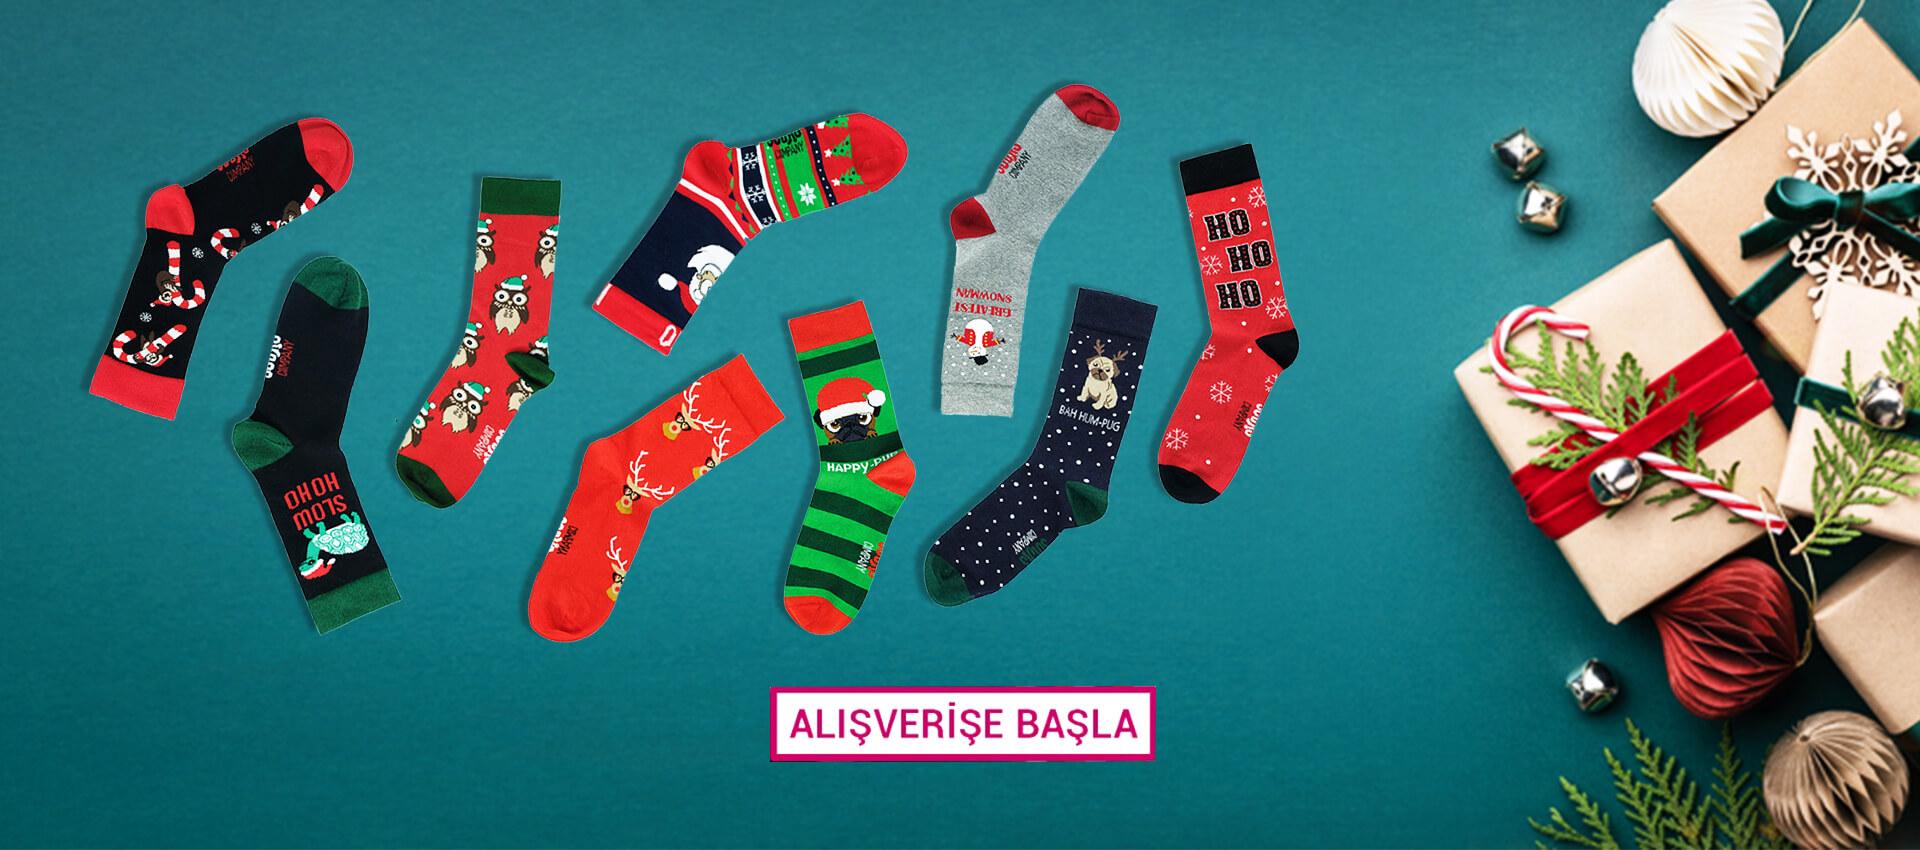 The Socks Company Yılbaşı Desenli Çoraplar